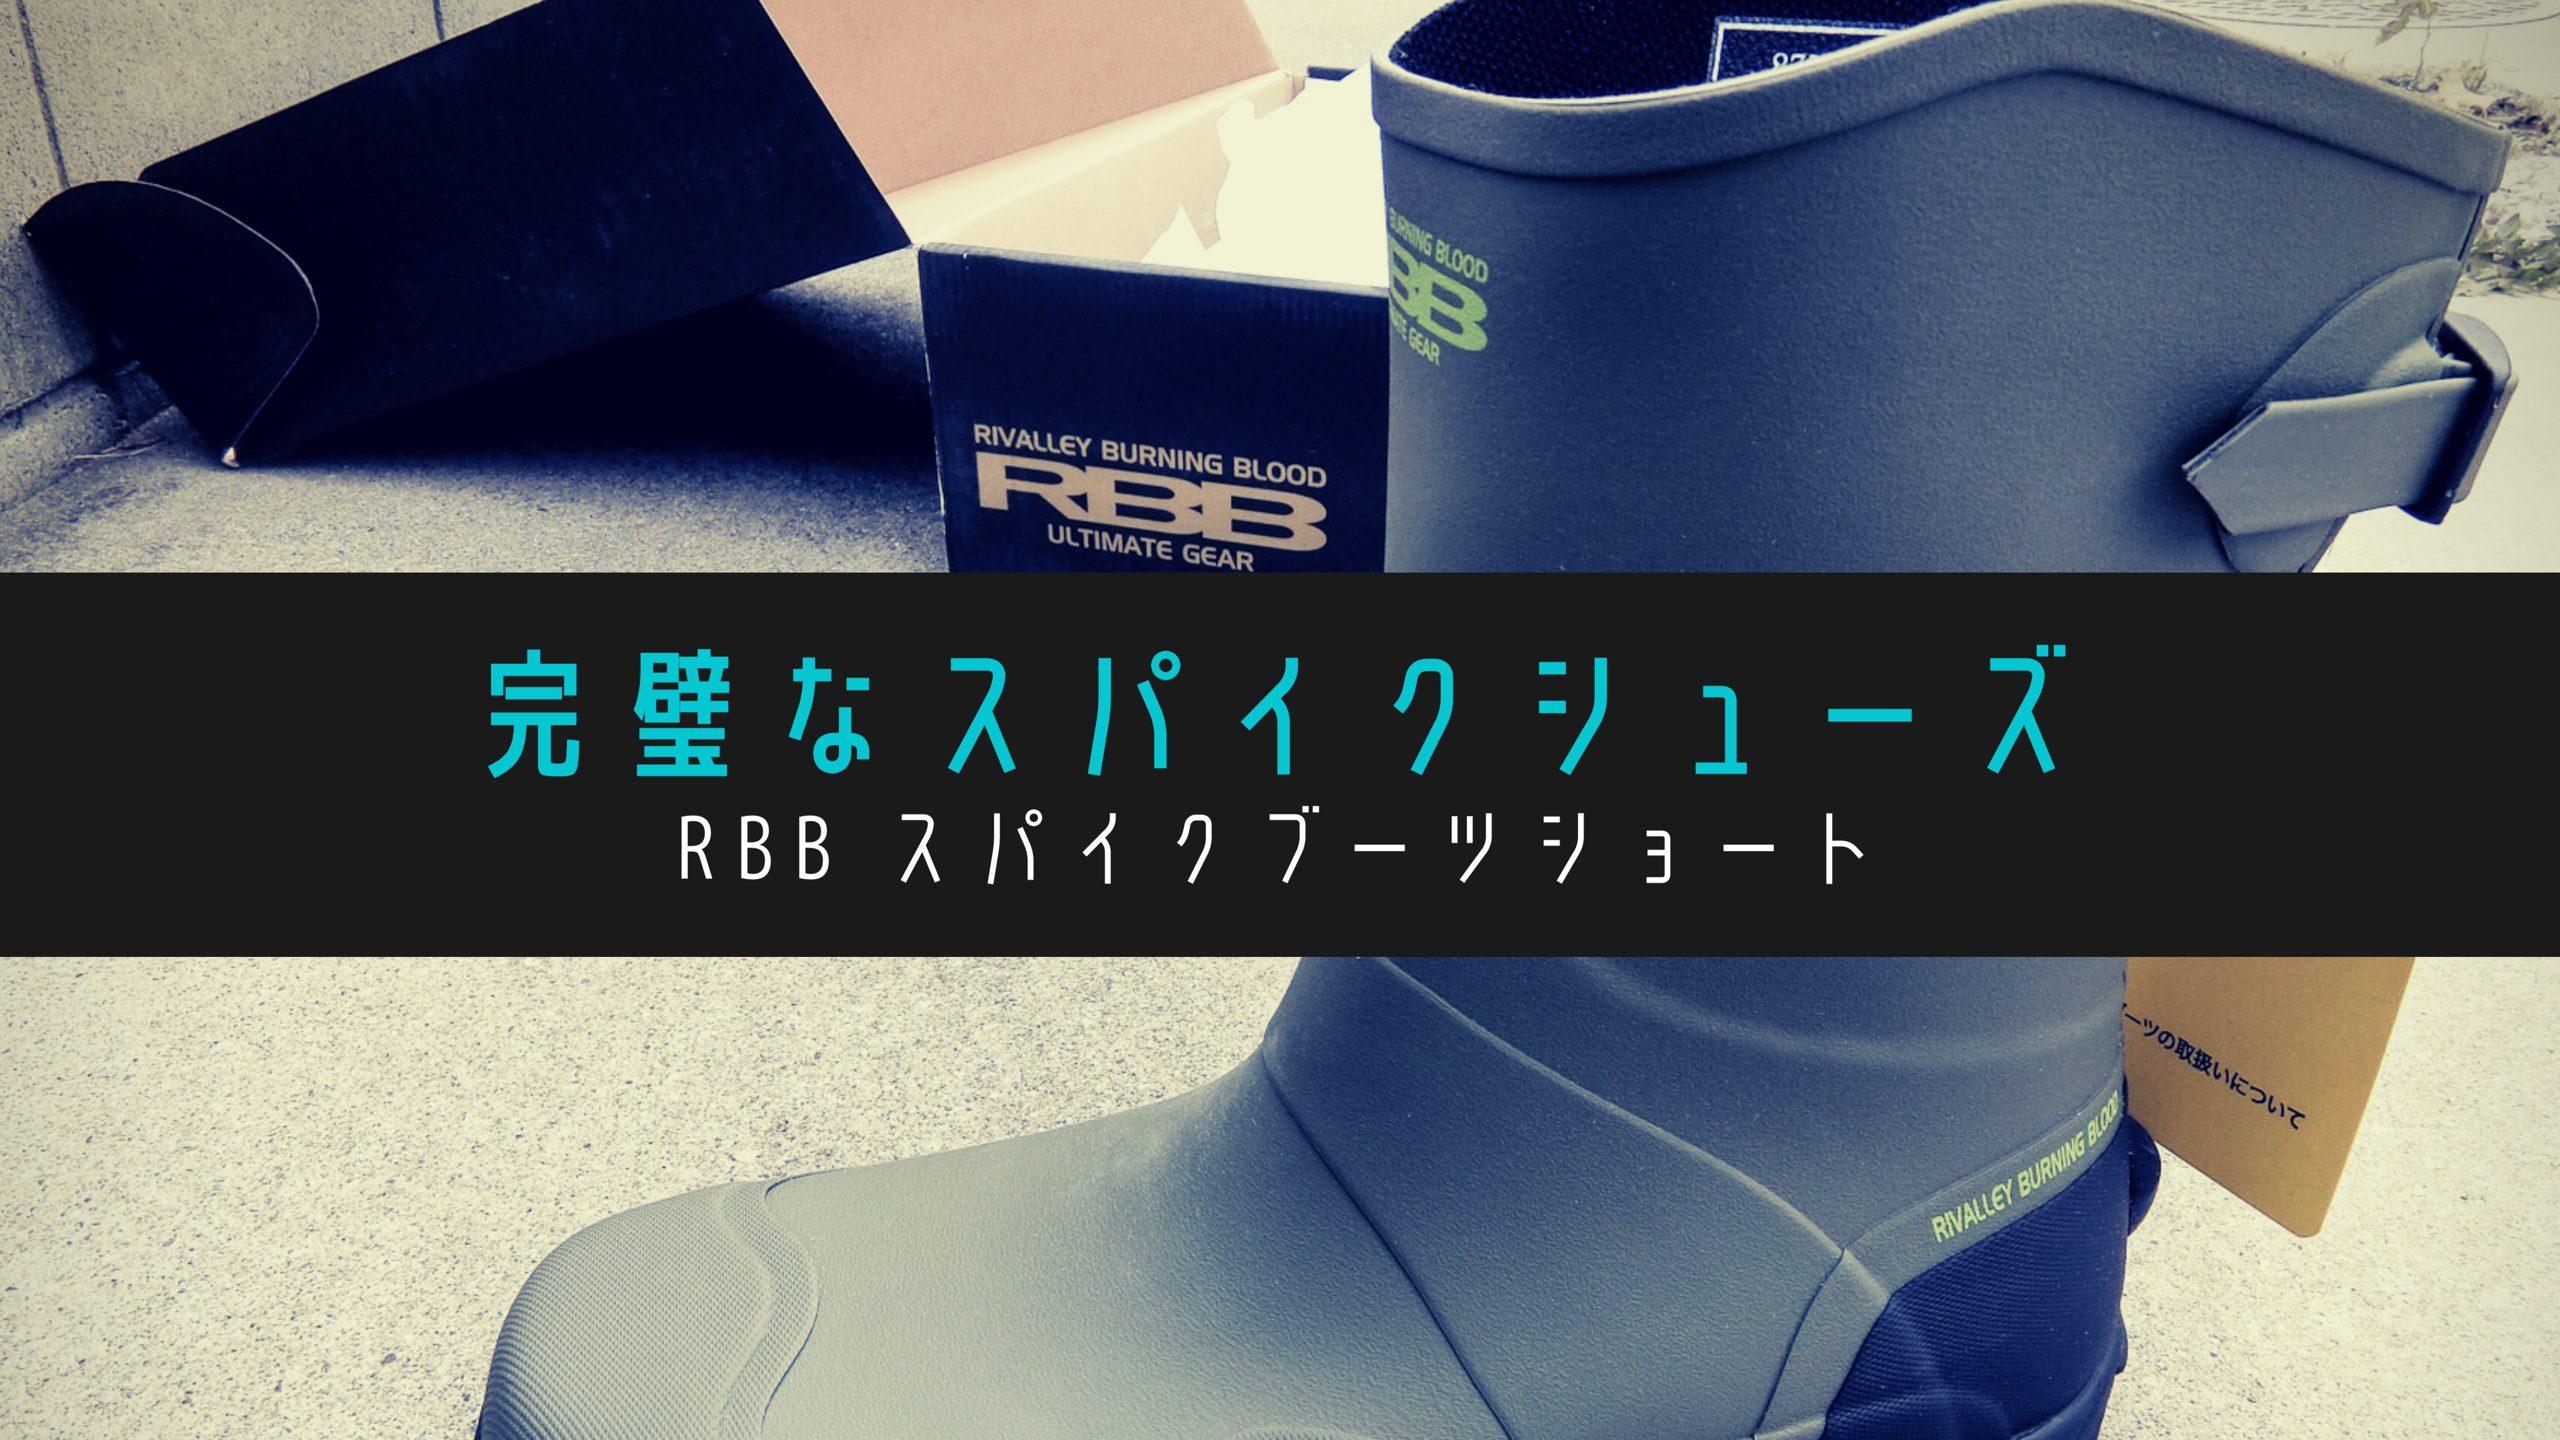 【今でも現役】滑らない話があると聞いて、RBB スパイクブーツショートの釣りブーツを買ってみた